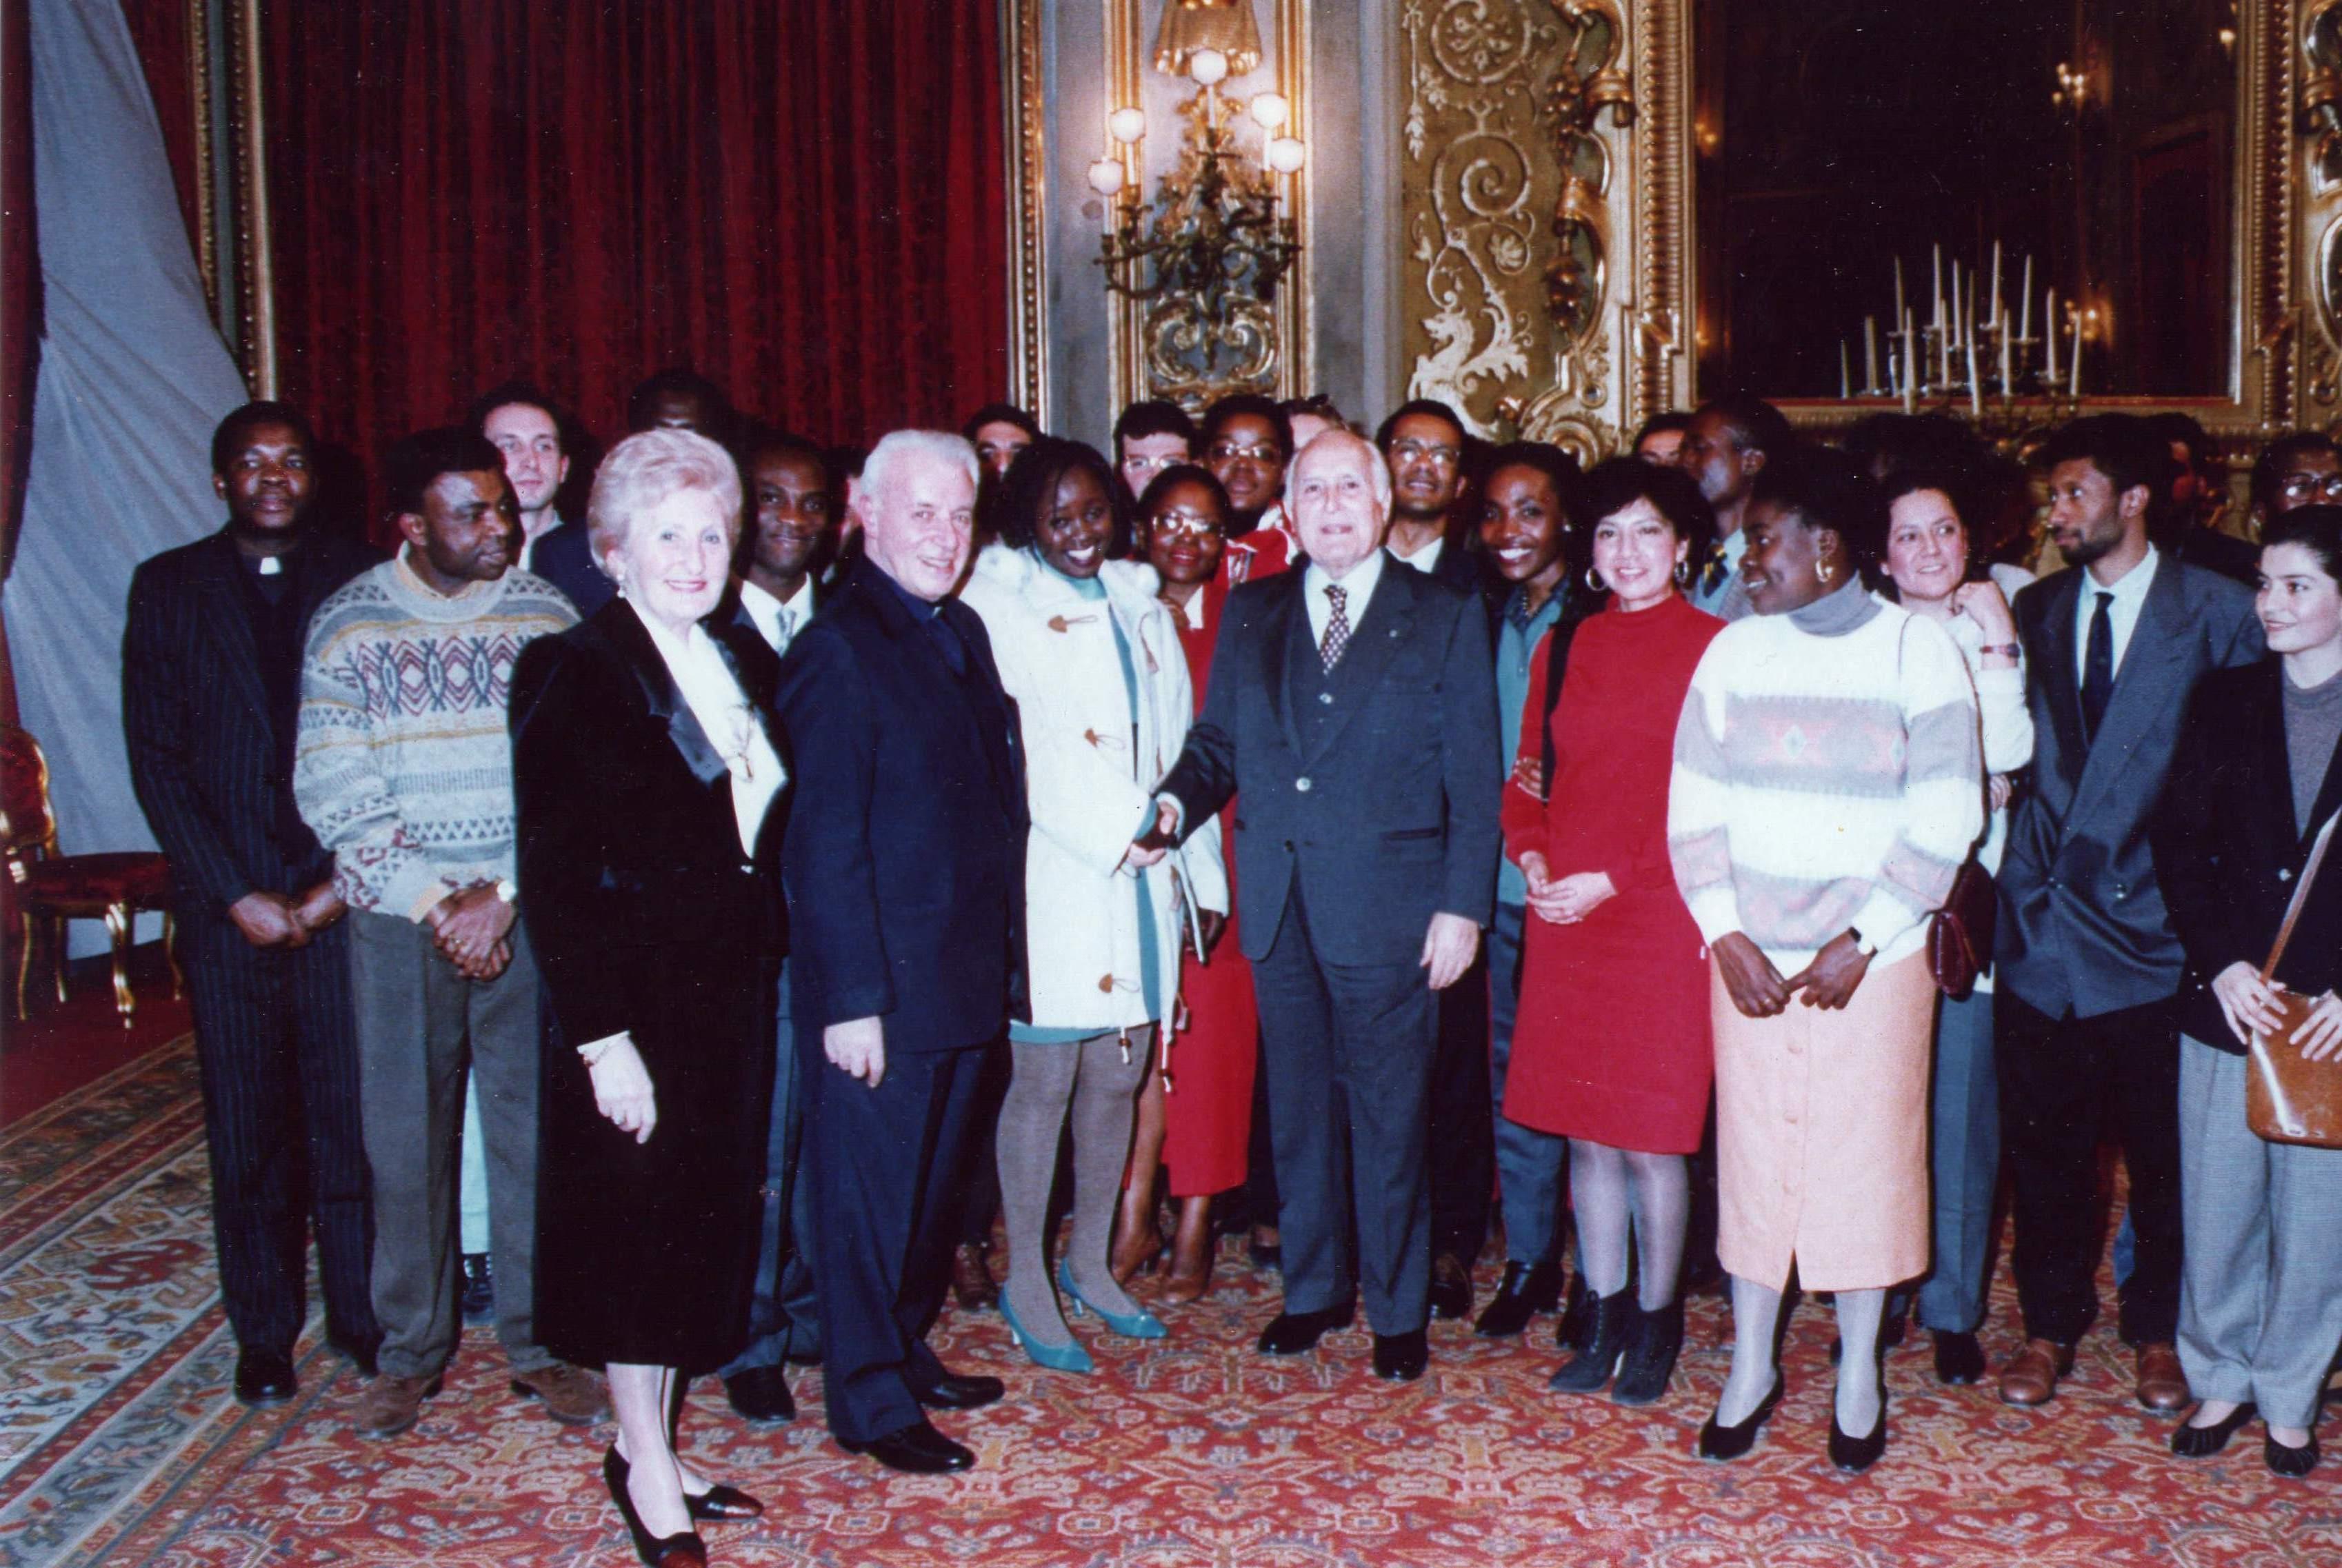 Rose Monique e il Presidente della Repubblica Scalfaro 1